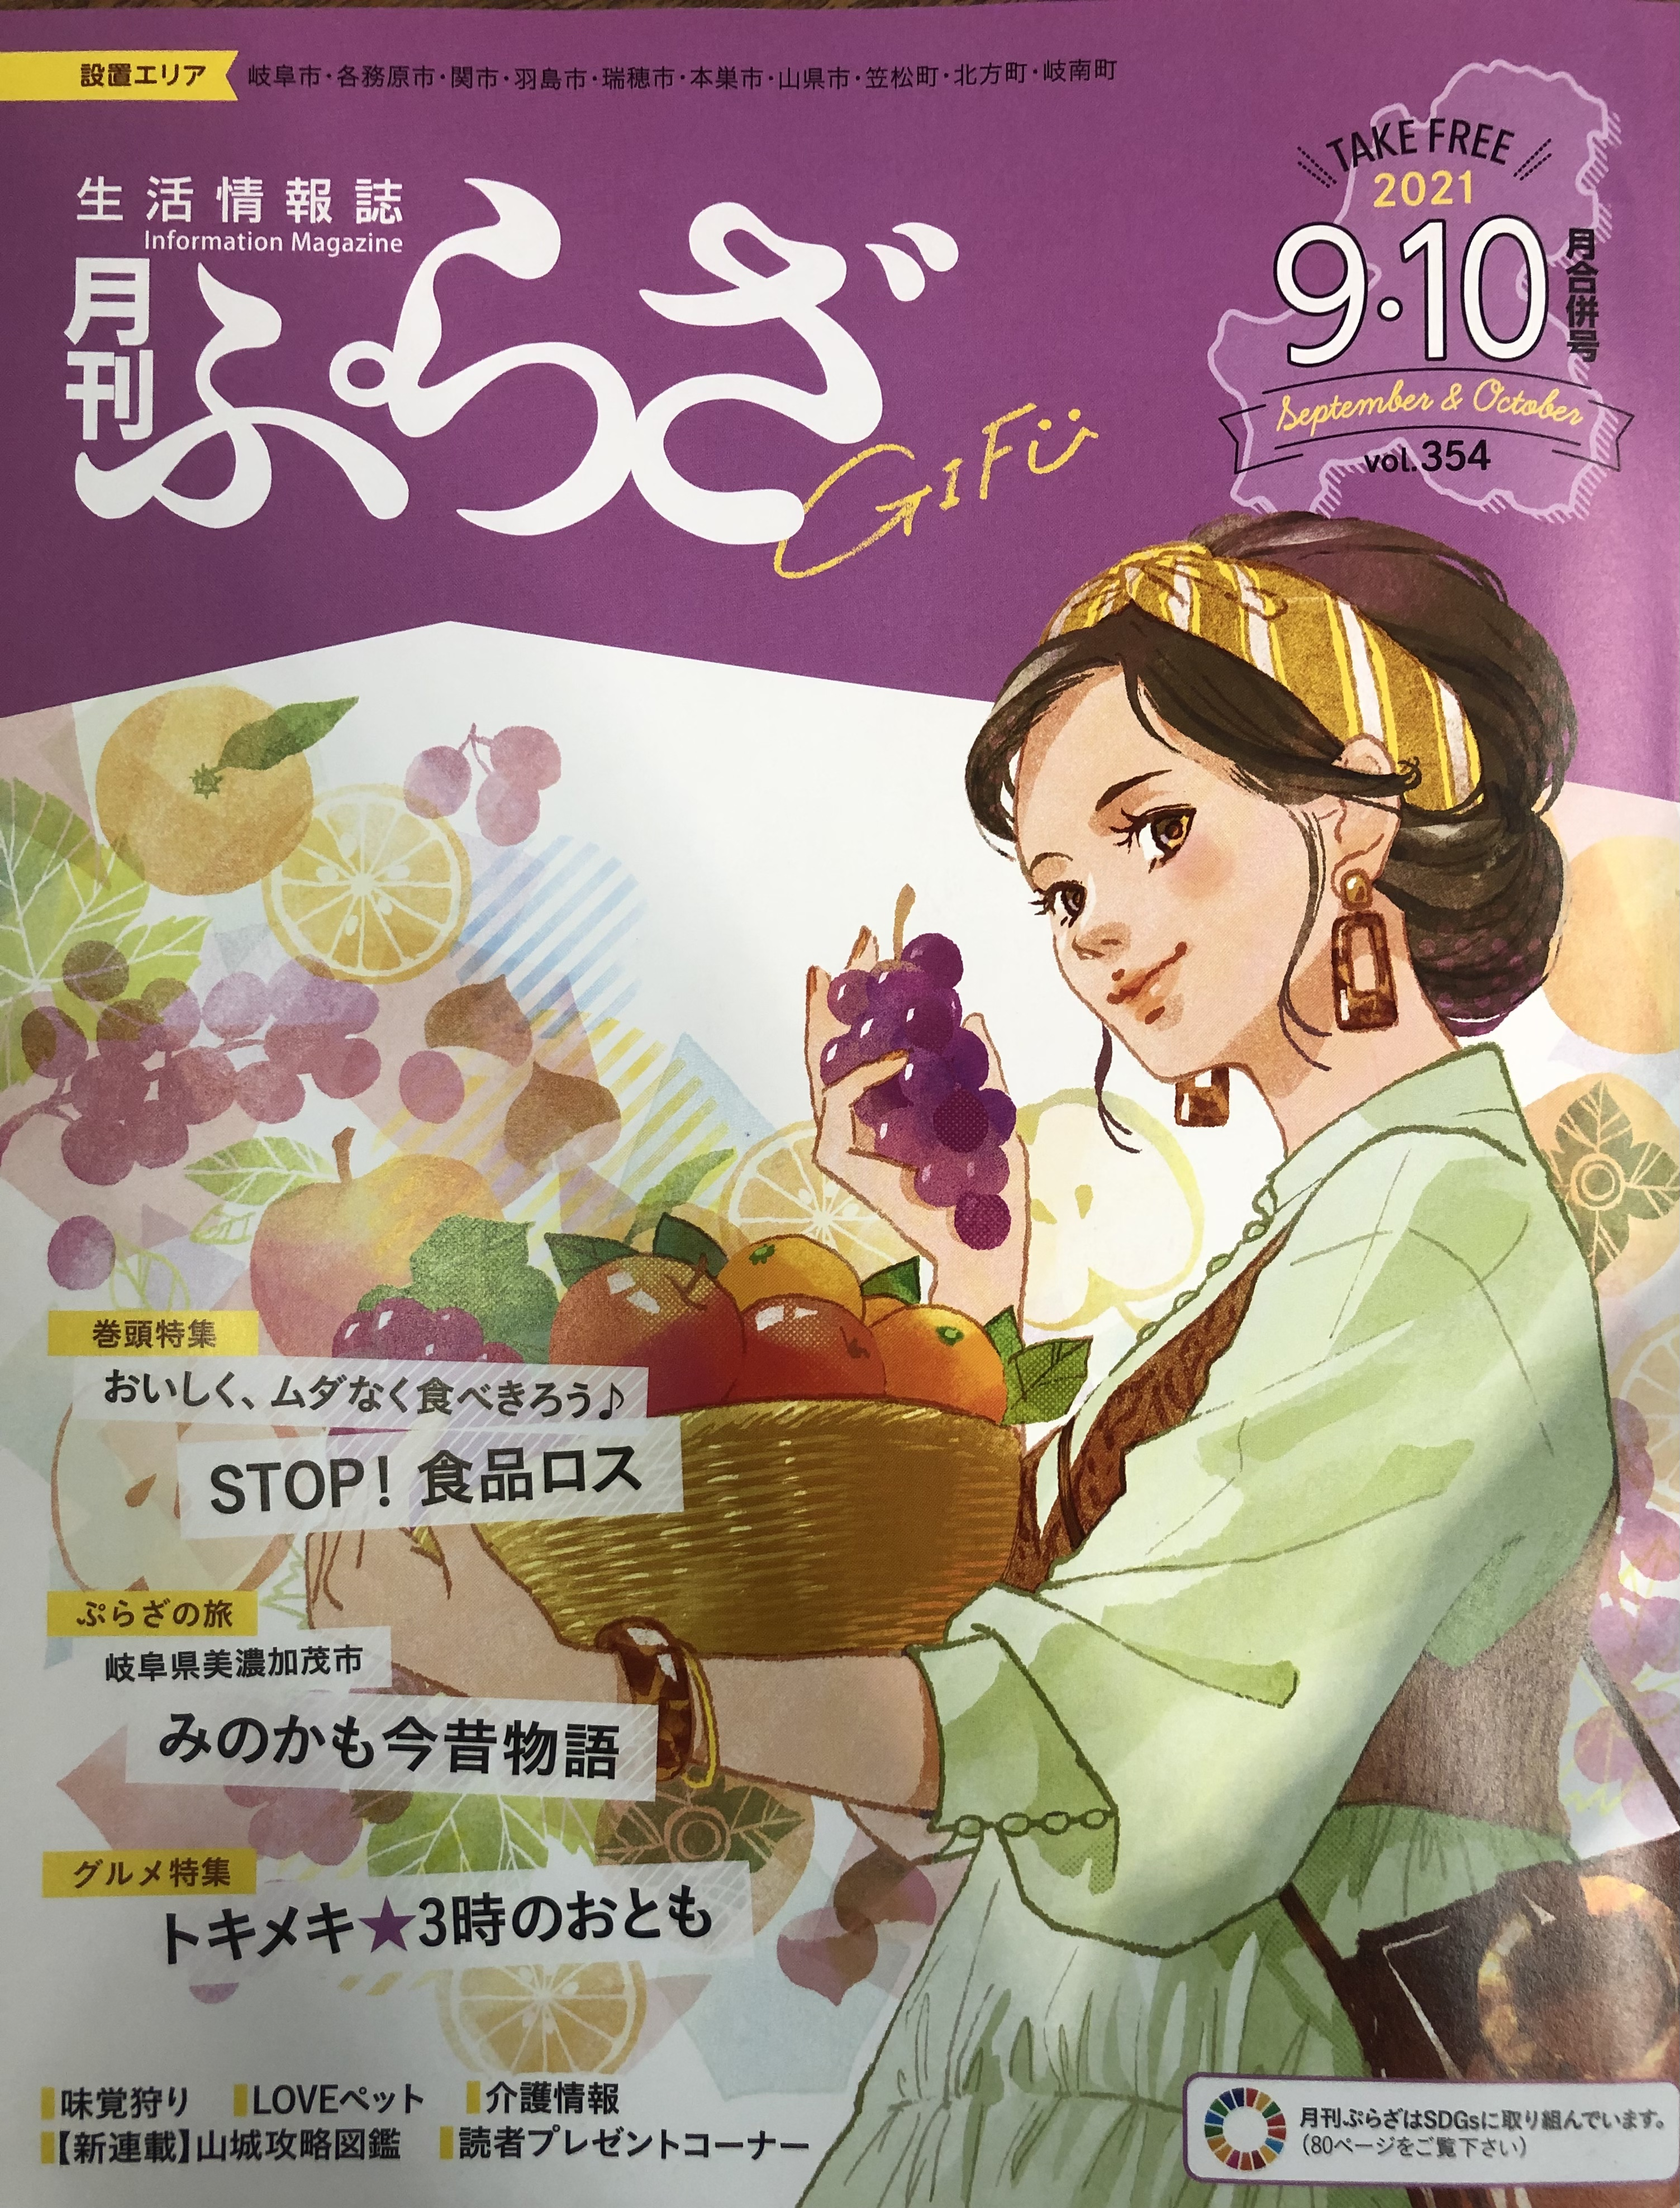 【月刊ぷらざ9・10月号掲載のお知らせ】